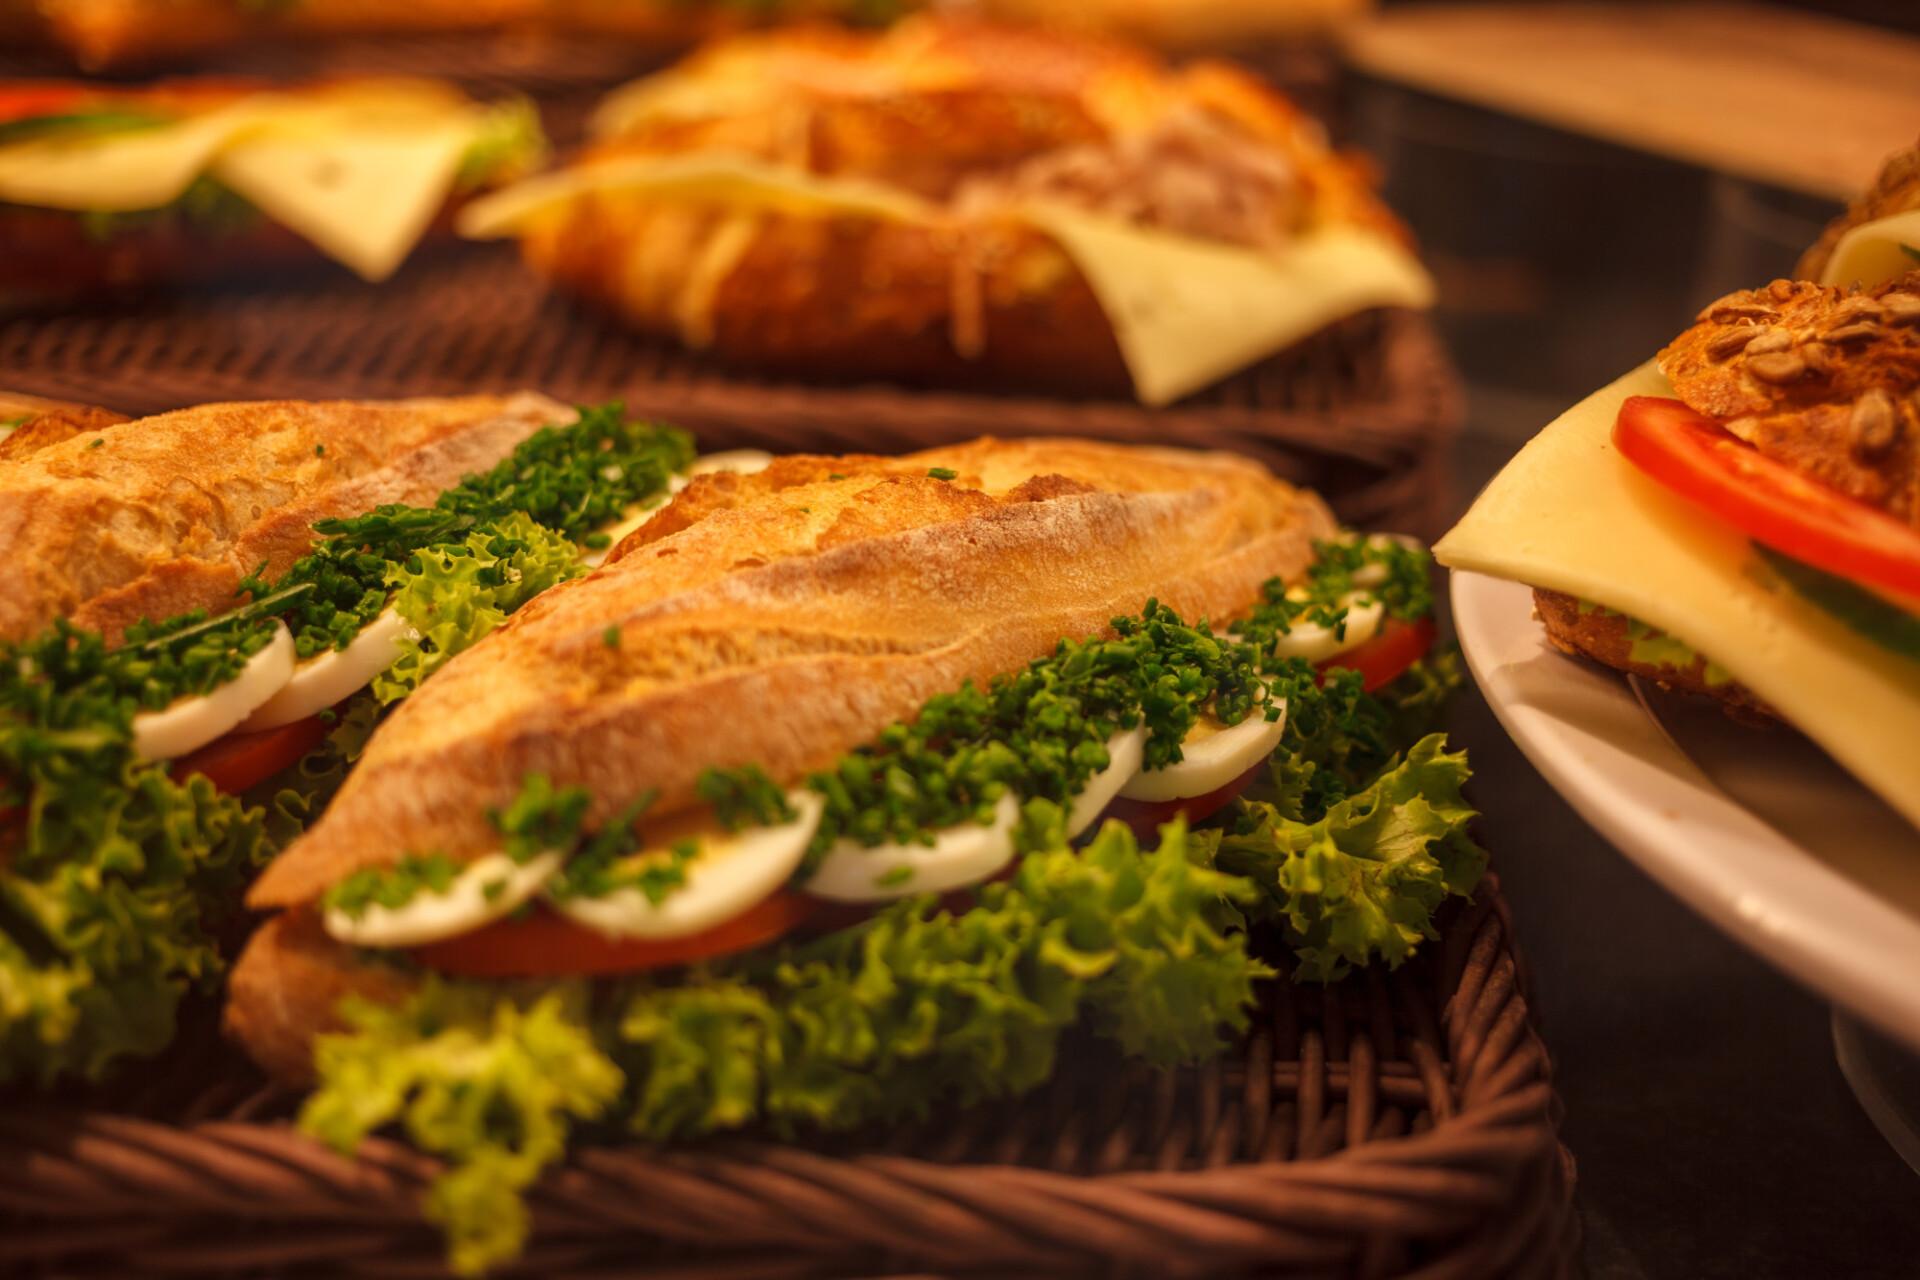 sandwich with tomato mozzarella